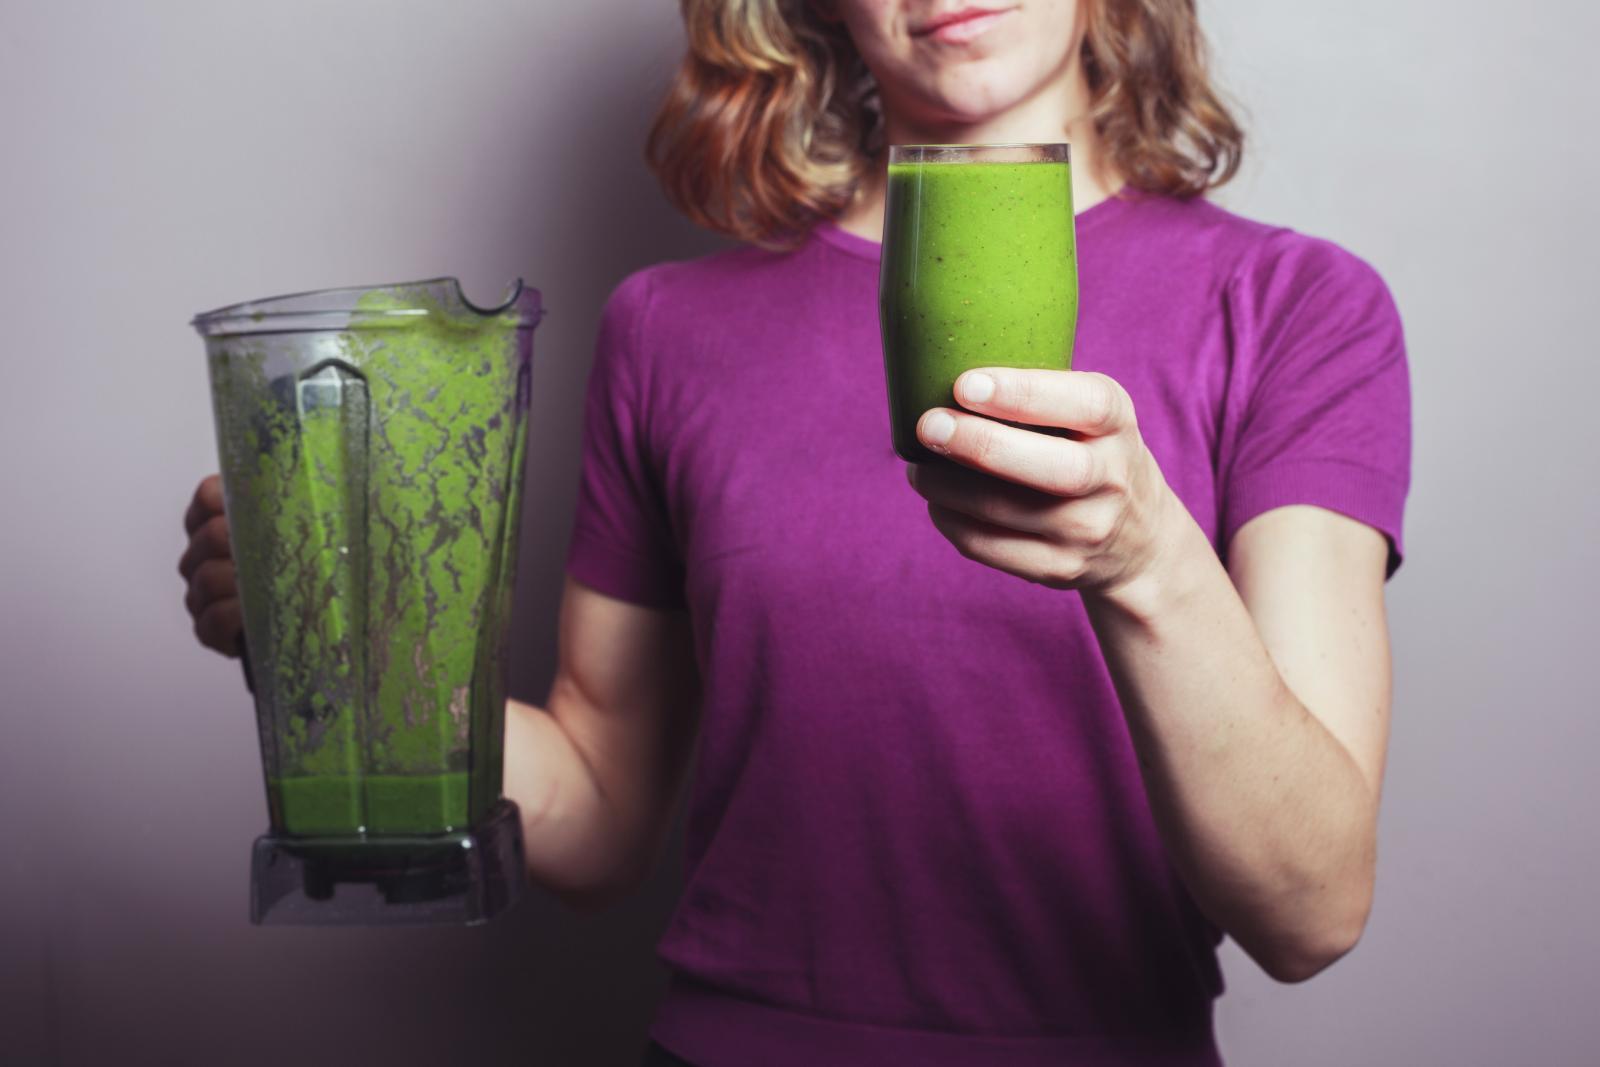 Još odličnih preporuka nutricionista i liječnika potražite u našem posebnom izdanju - Doktor plus!